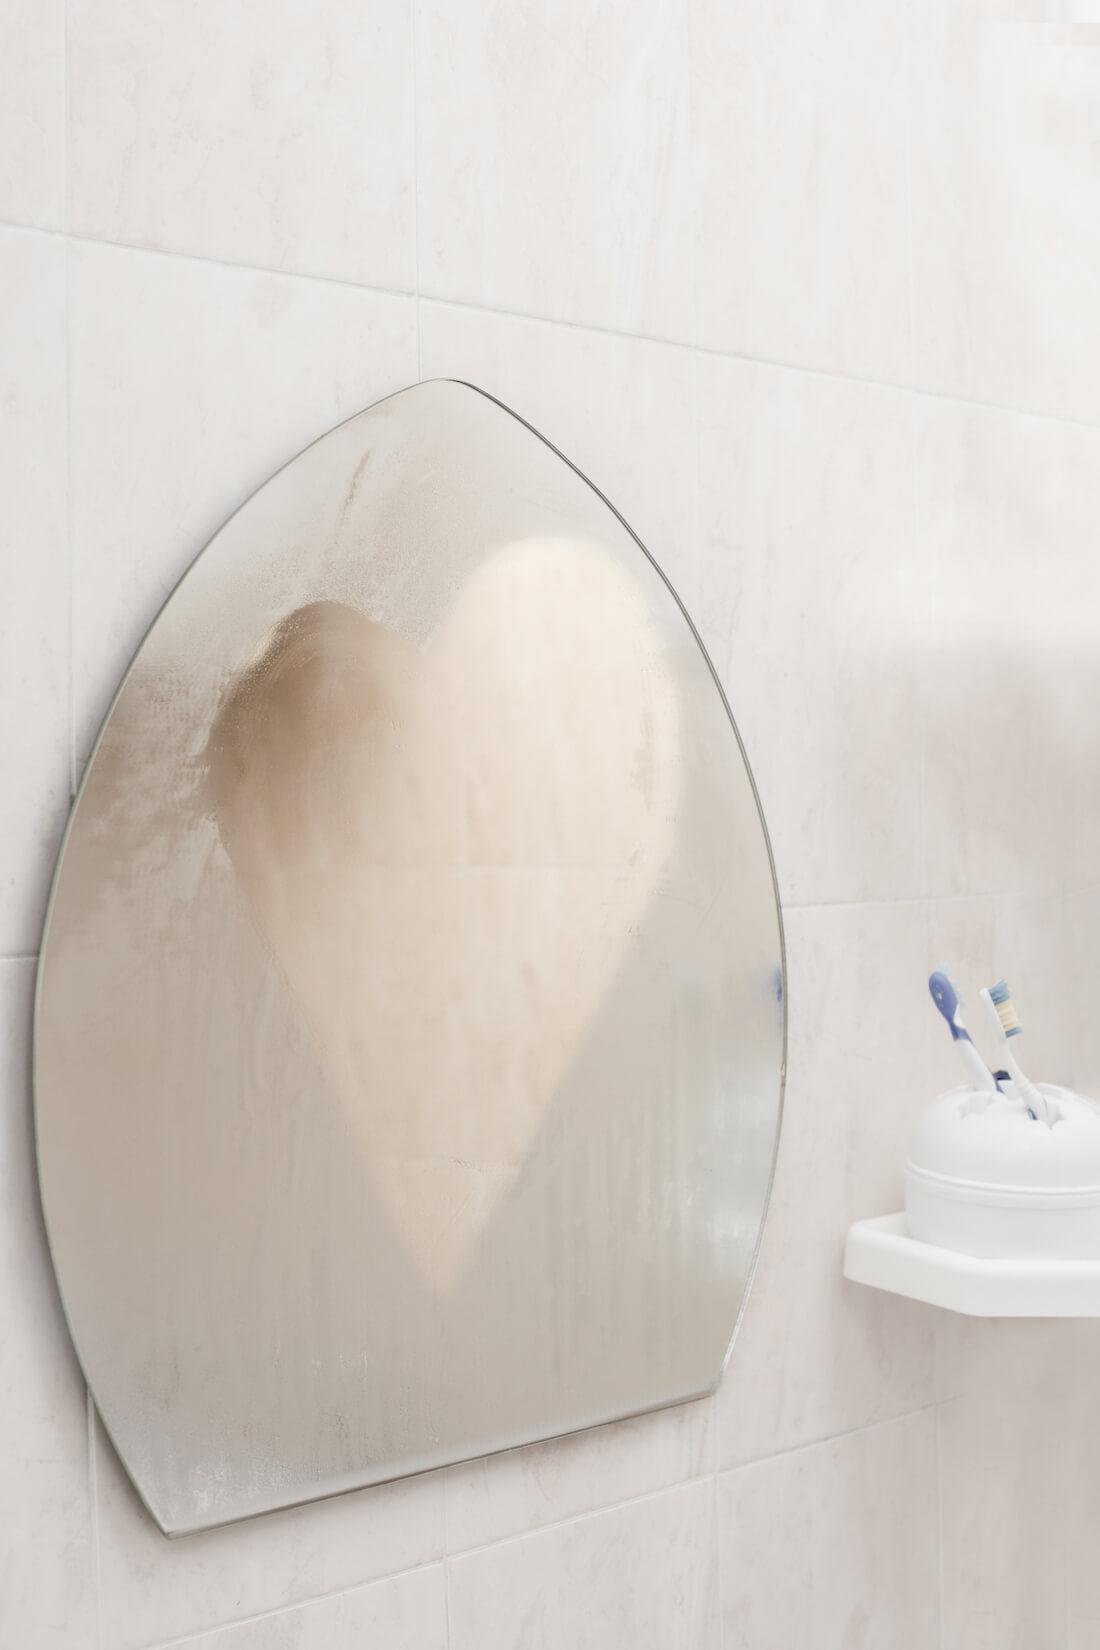 giảm độ ẩm trong phòng tắm